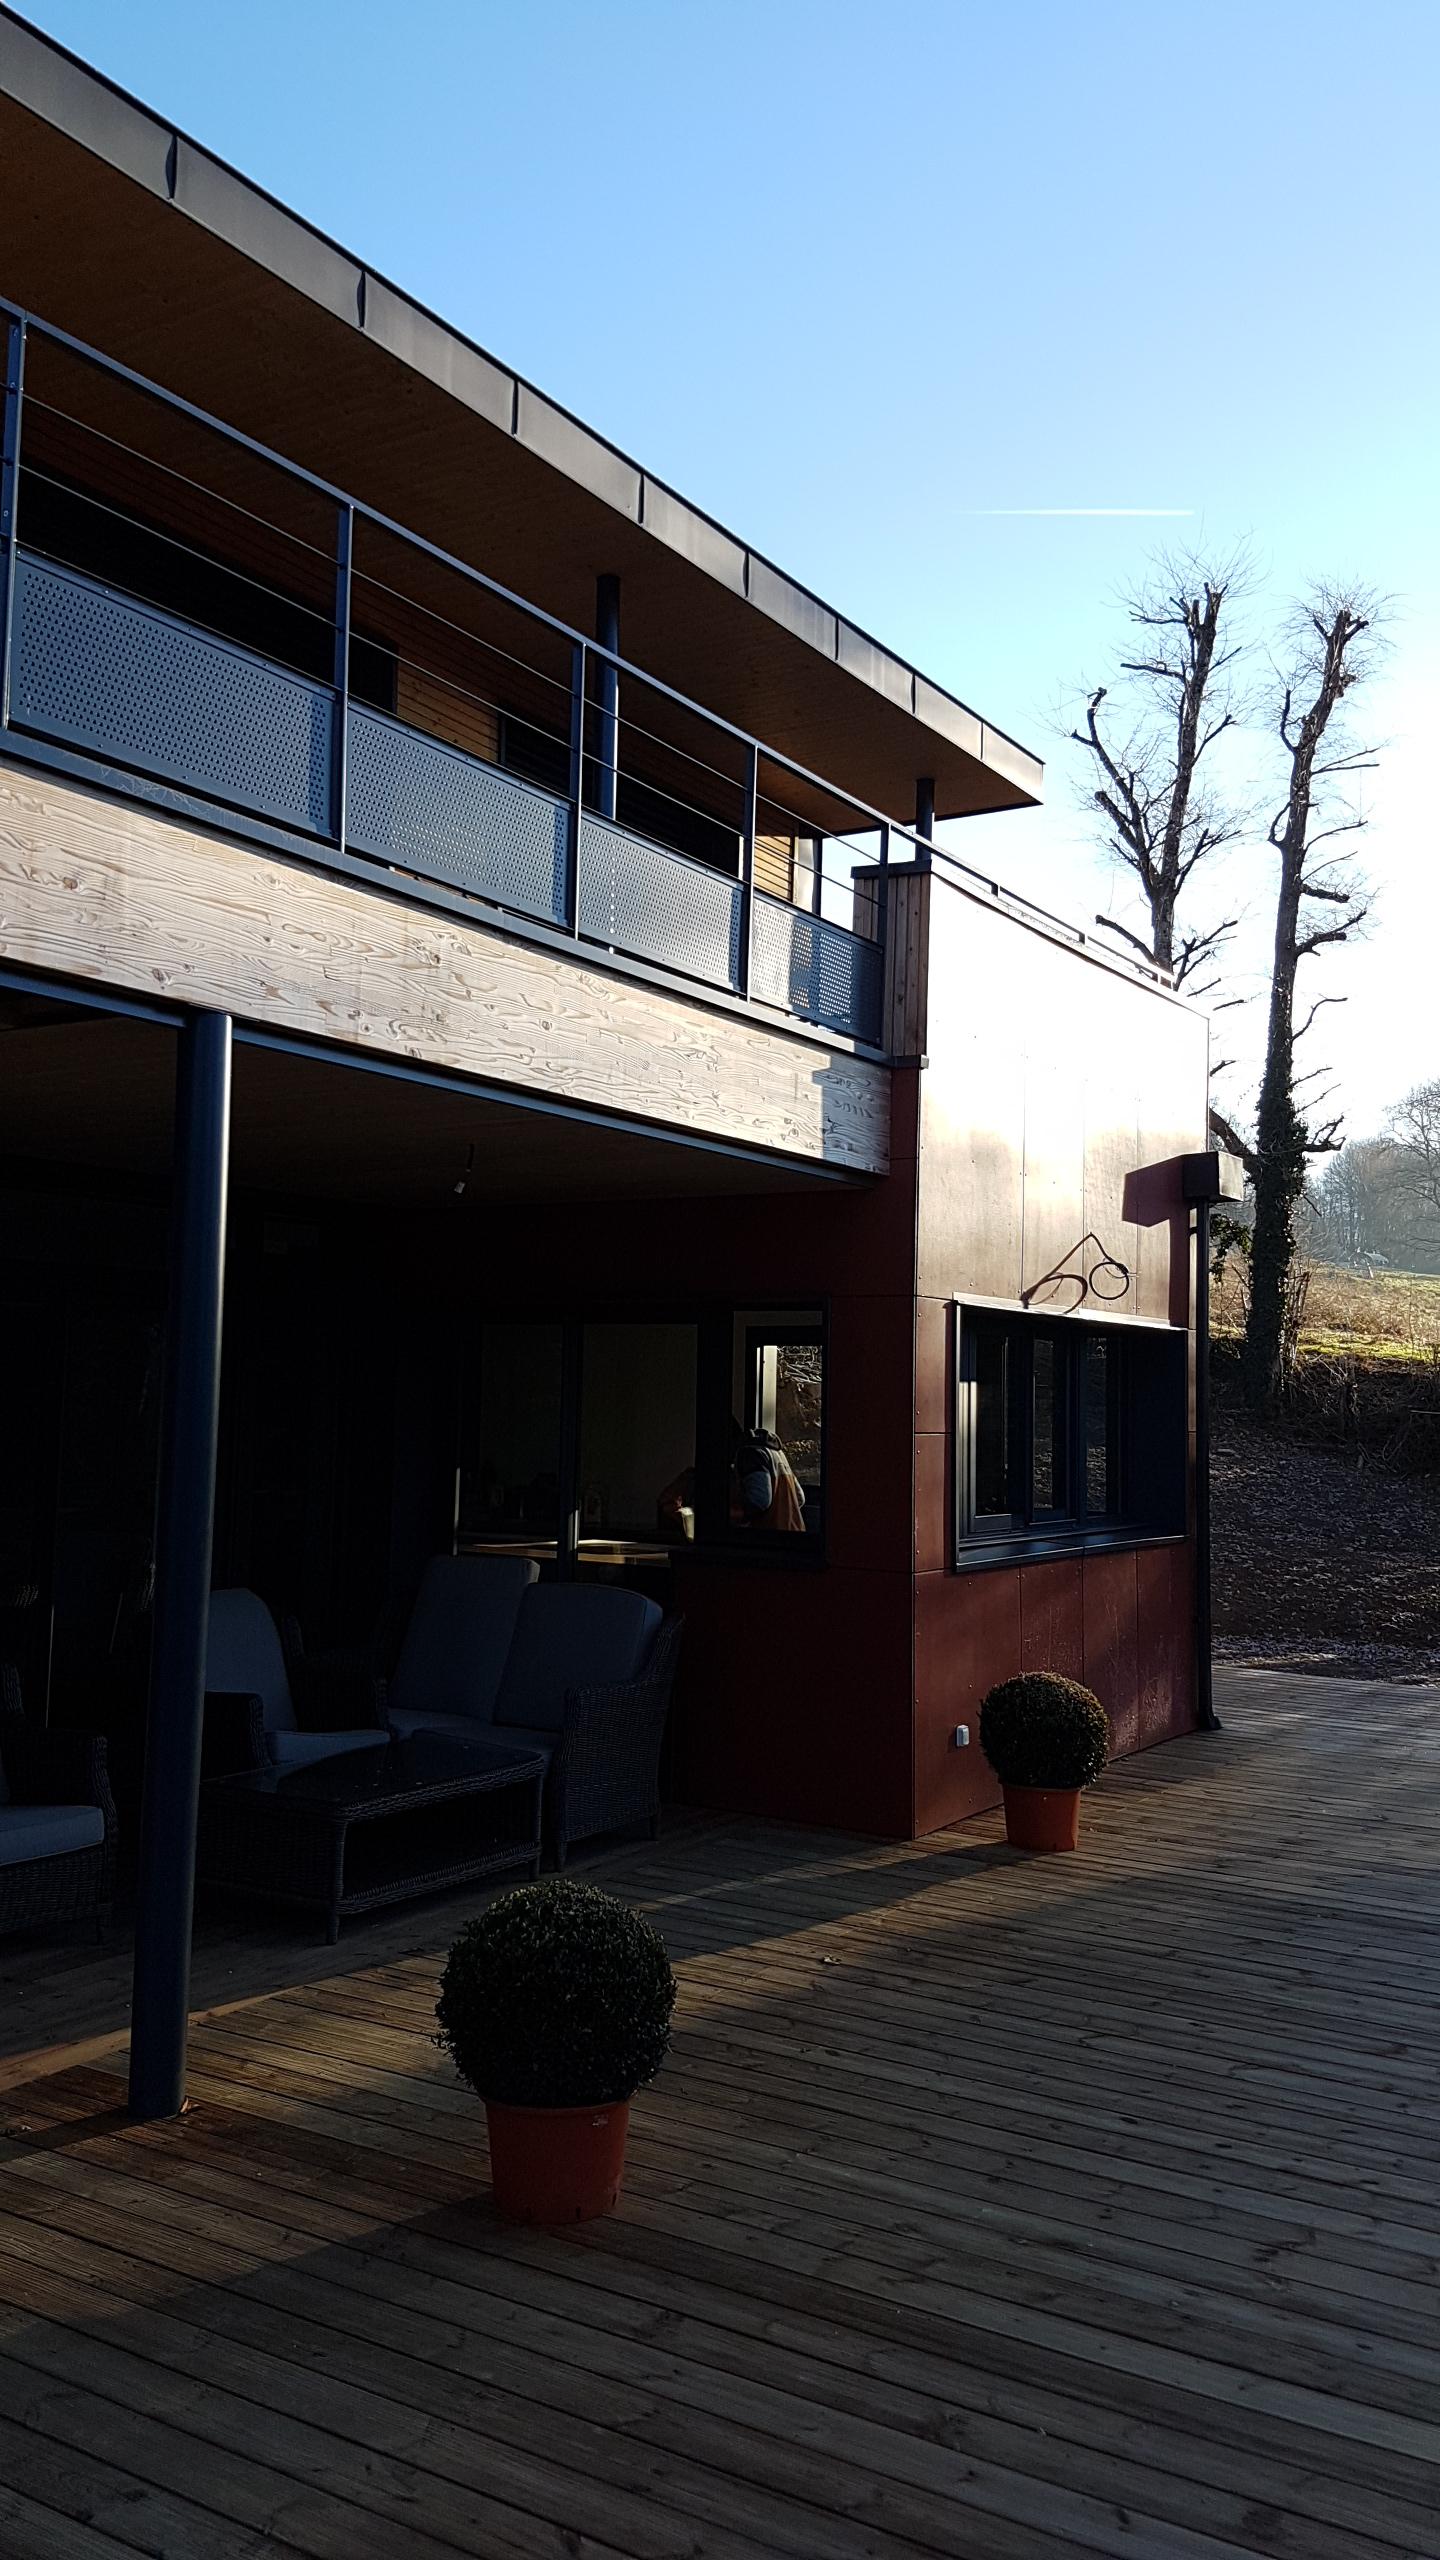 Maison g pierrefitte 19 vincent souffron architecte for Cout construction maison rt 2012